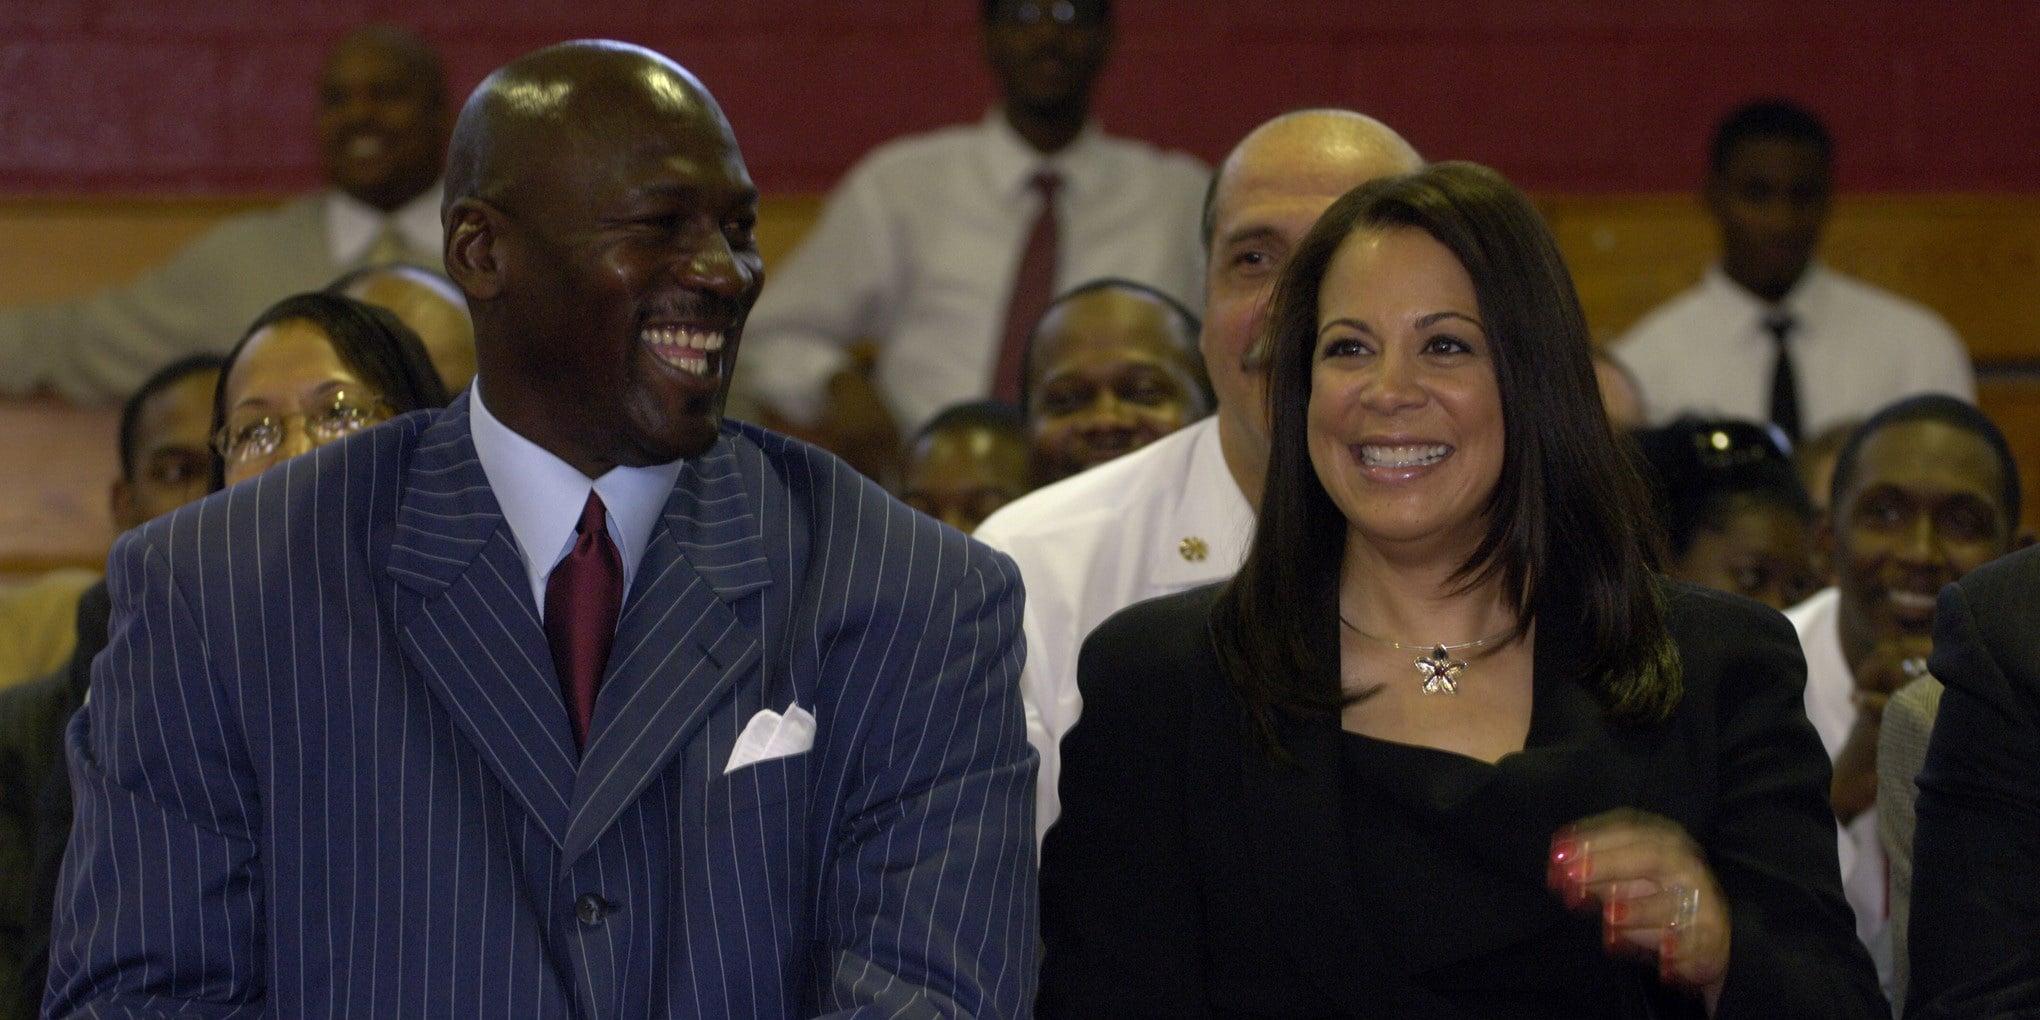 Whos Michael Jordans ex-wife Juanita Vanoy? Bio: Net